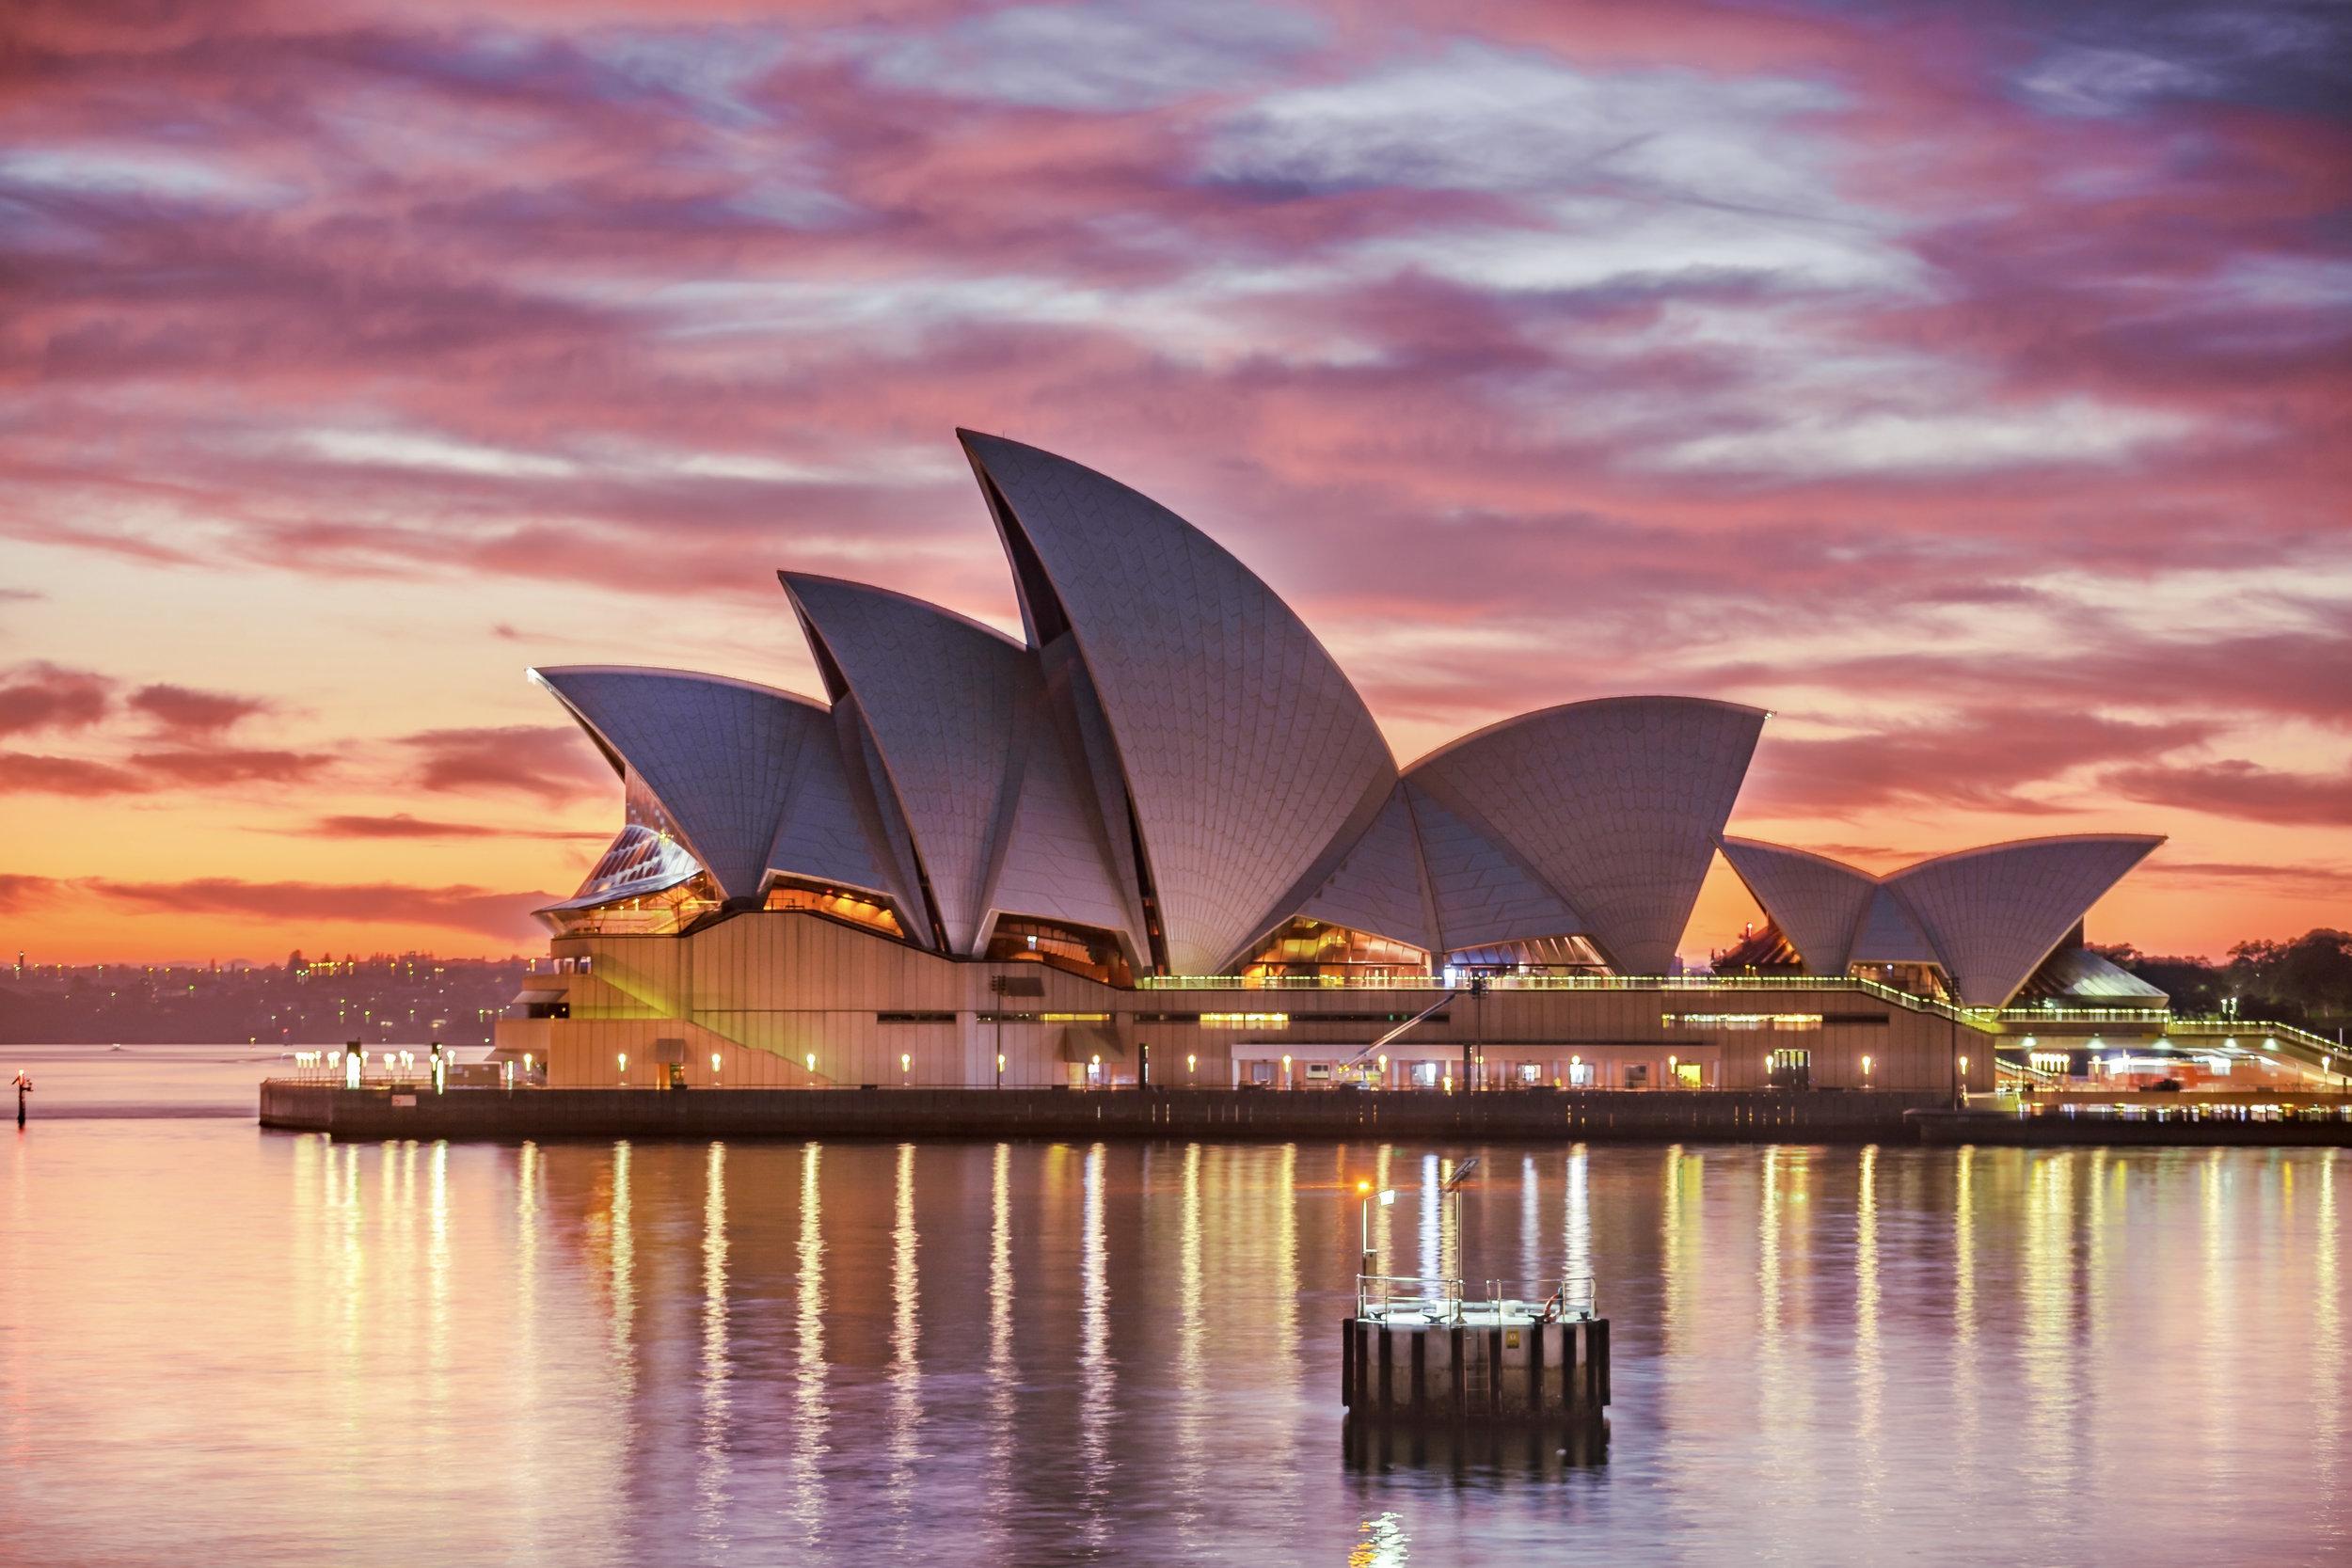 AUSTRALIA - Commonwealth of